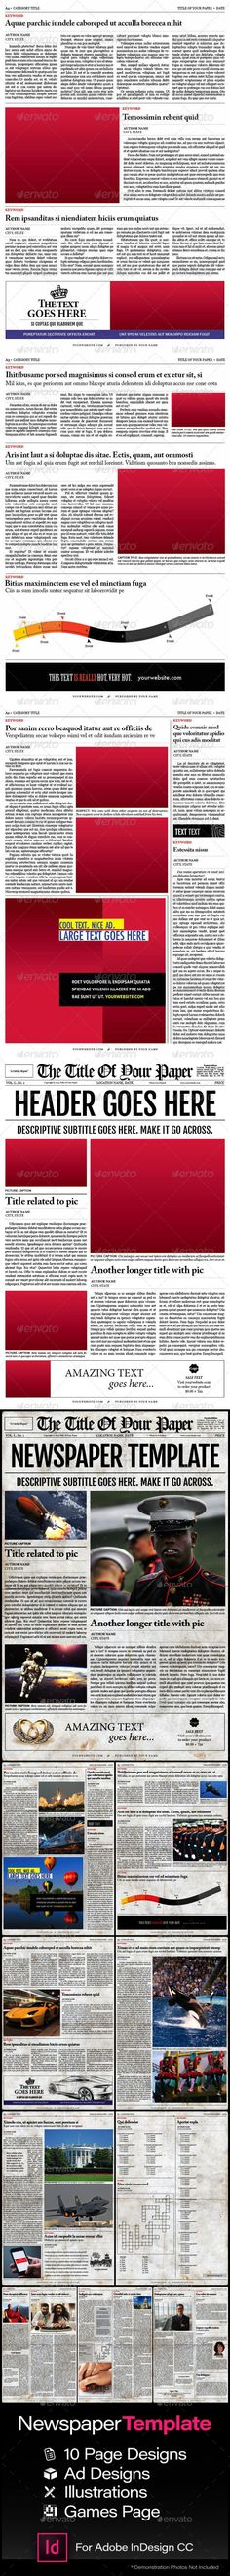 Newsletter E-newsletter Templates Pinterest